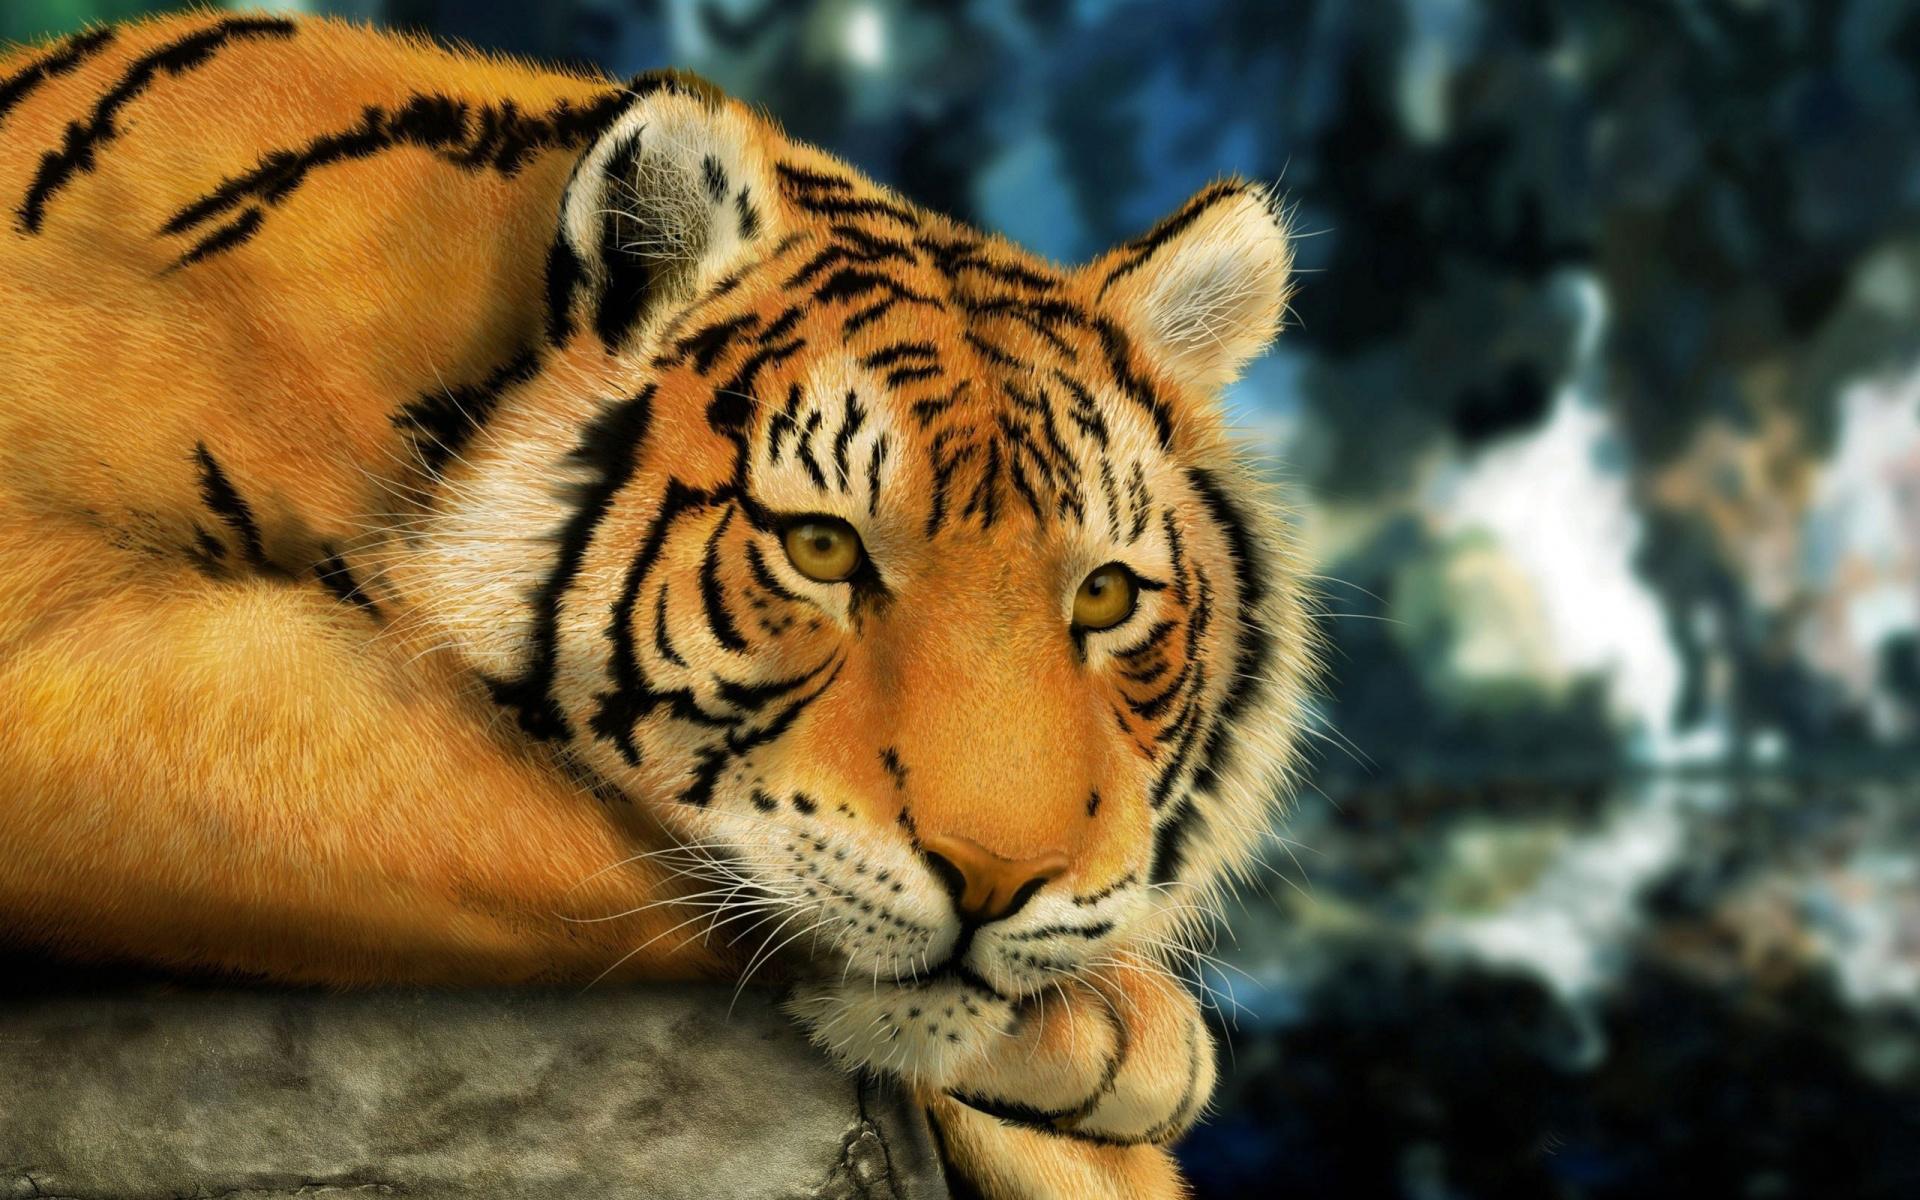 Tiger Wallpaper Desktop Wallpapersafari